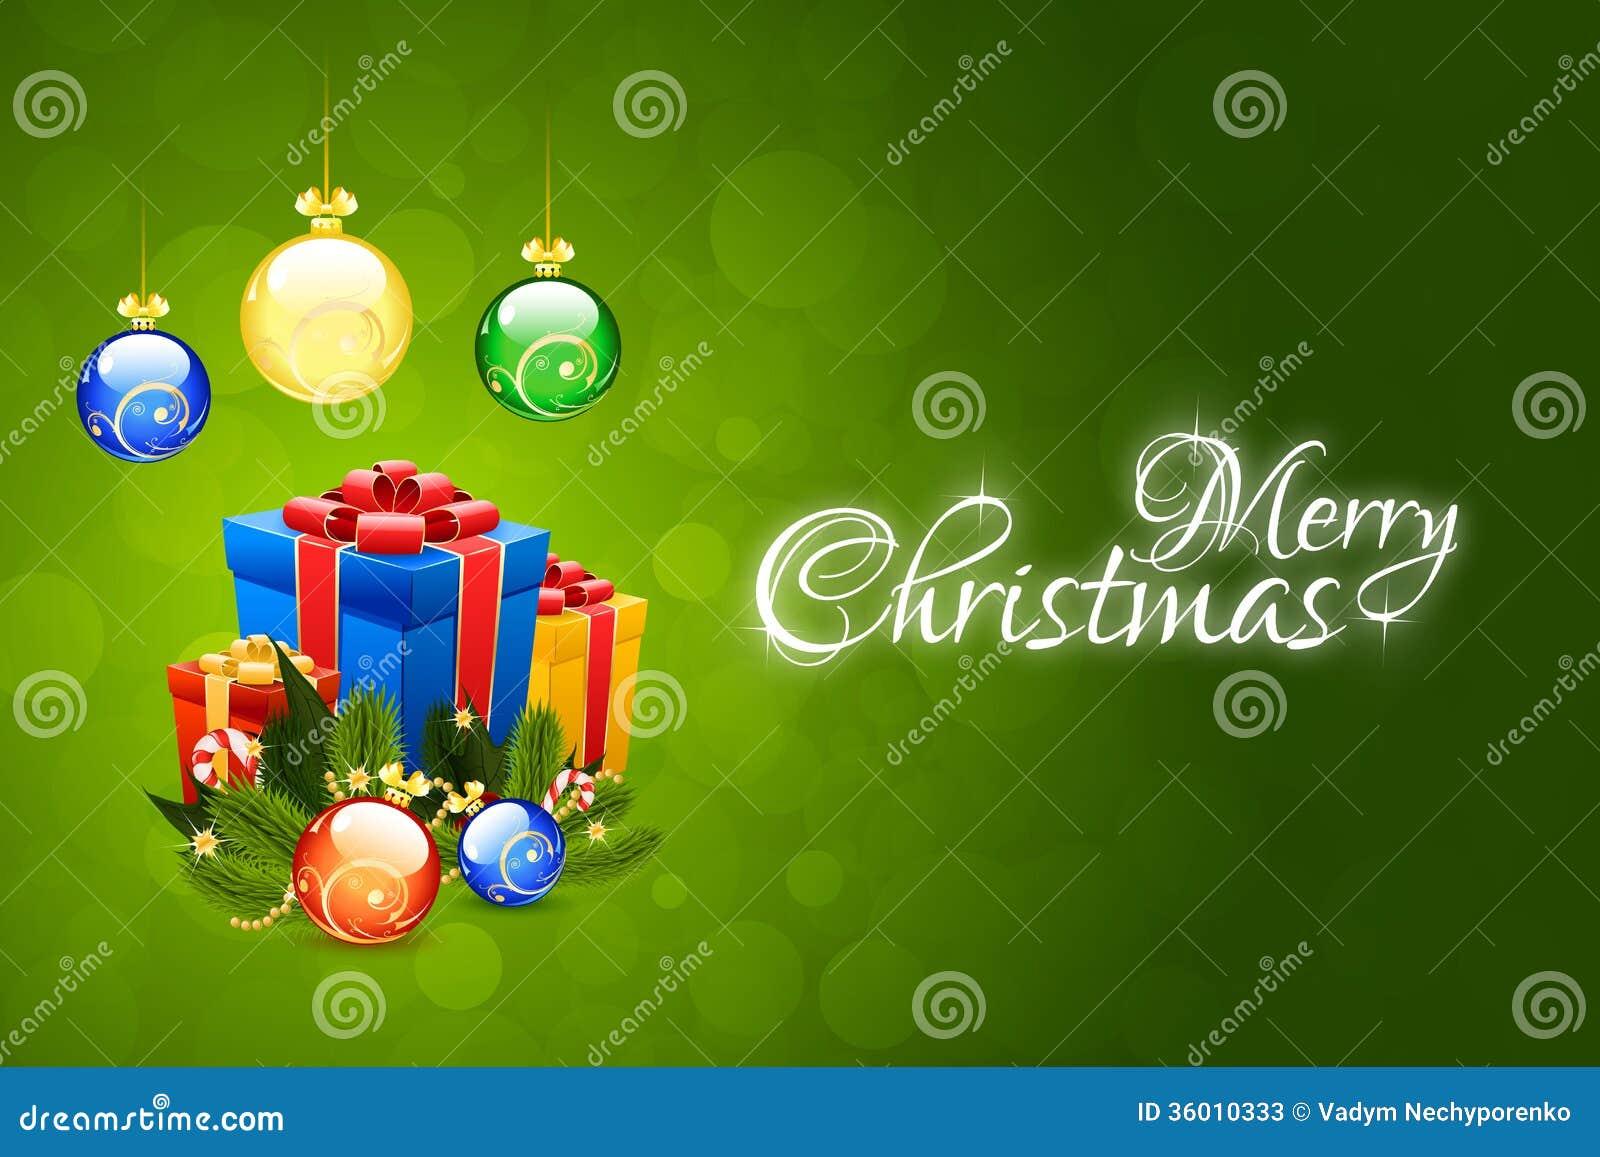 Weihnachtskarten-Schablone